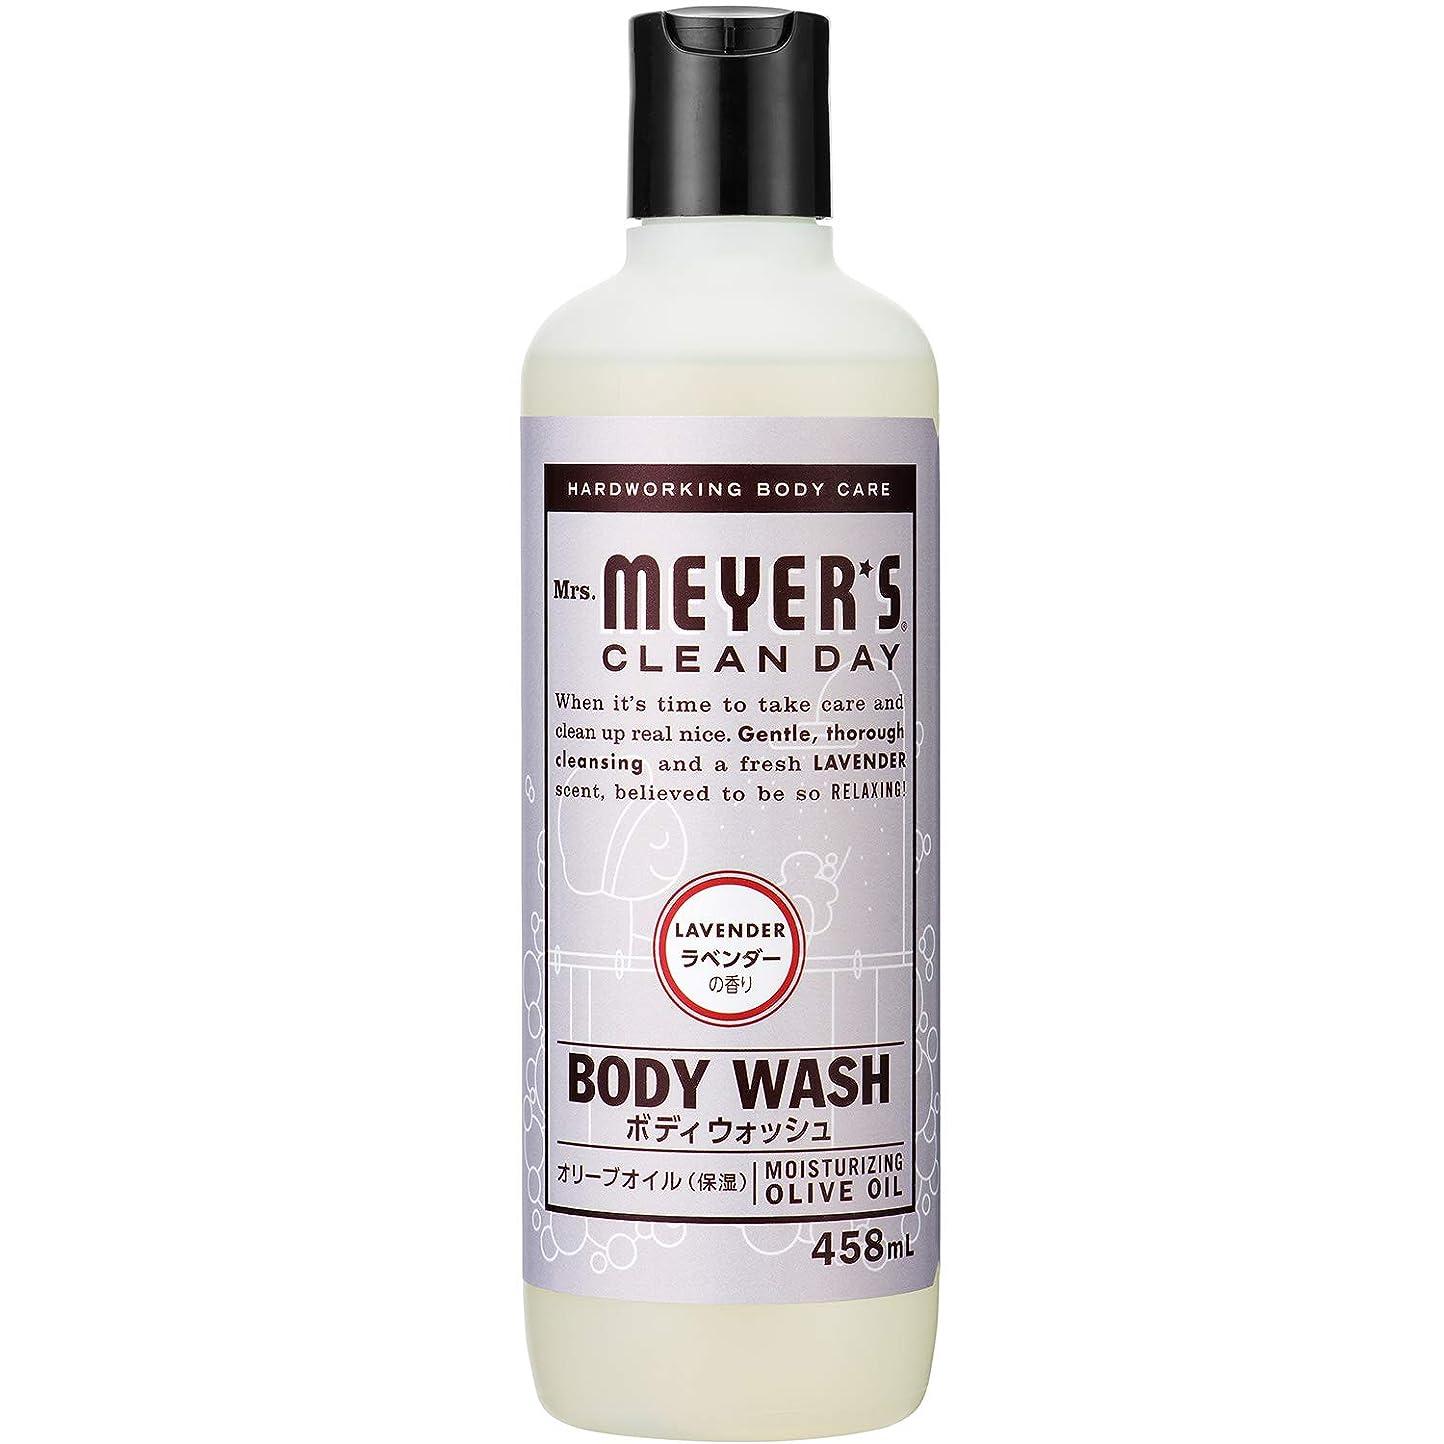 から魅了する軽Mrs. MEYER'S CLEAN DAY(ミセスマイヤーズ クリーンデイ) ミセスマイヤーズ クリーンデイ(Mrs.Meyers Clean Day) ボディウォッシュ ラベンダーの香り 458ml ボディソープ